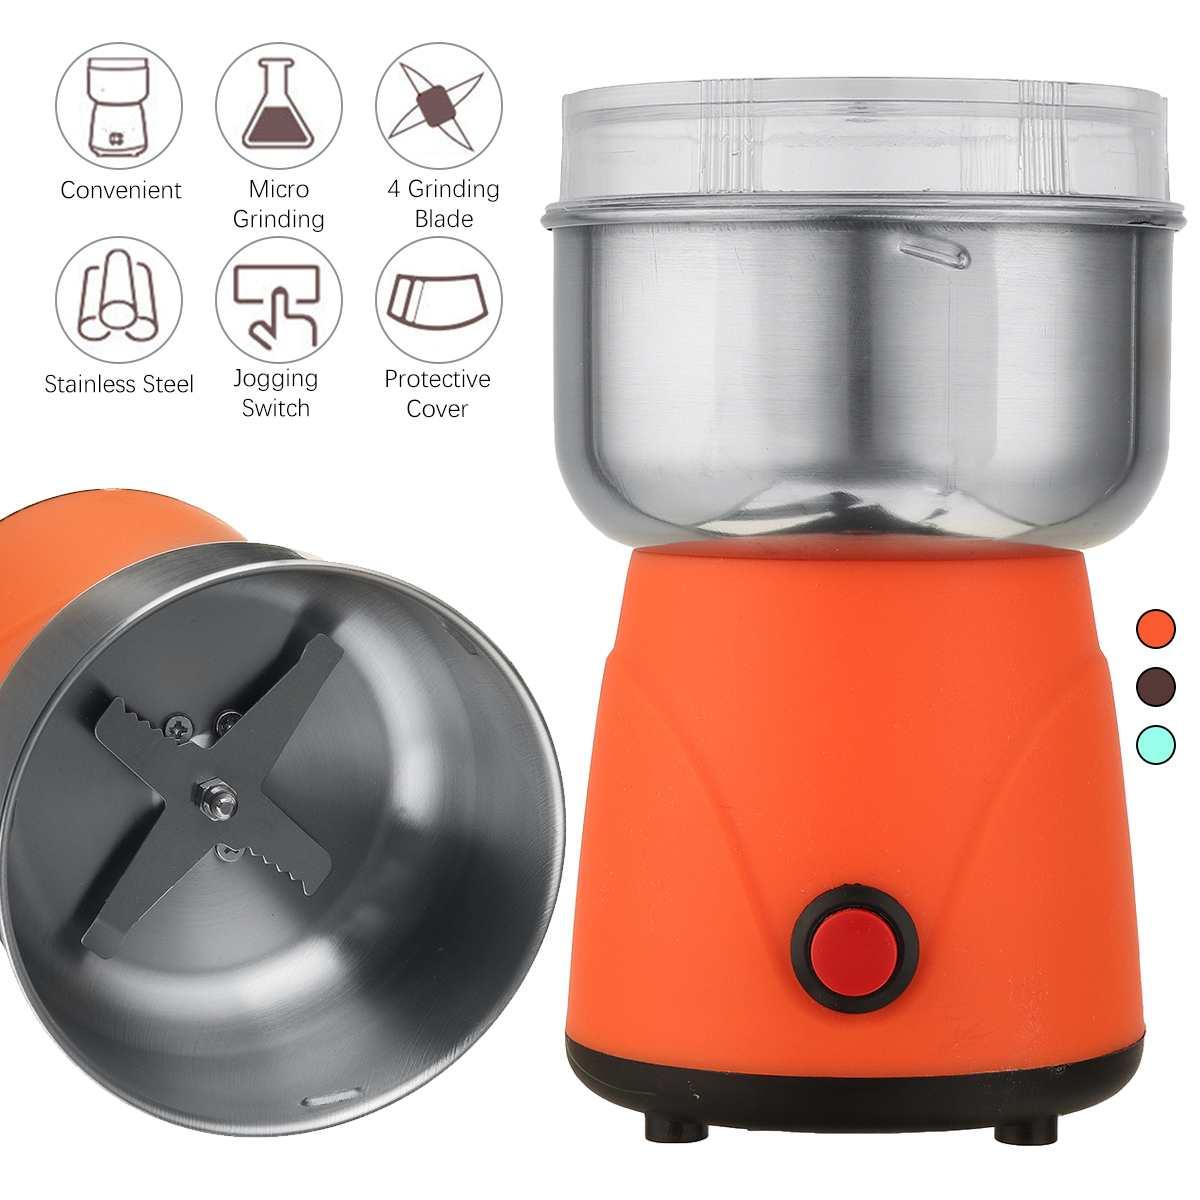 مطحنة بن كهربائية المطبخ الكهربائية الحبوب المكسرات الفول التوابل الحبوب طاحونة آلة متعددة الوظائف المنزل طاحونة القهوة